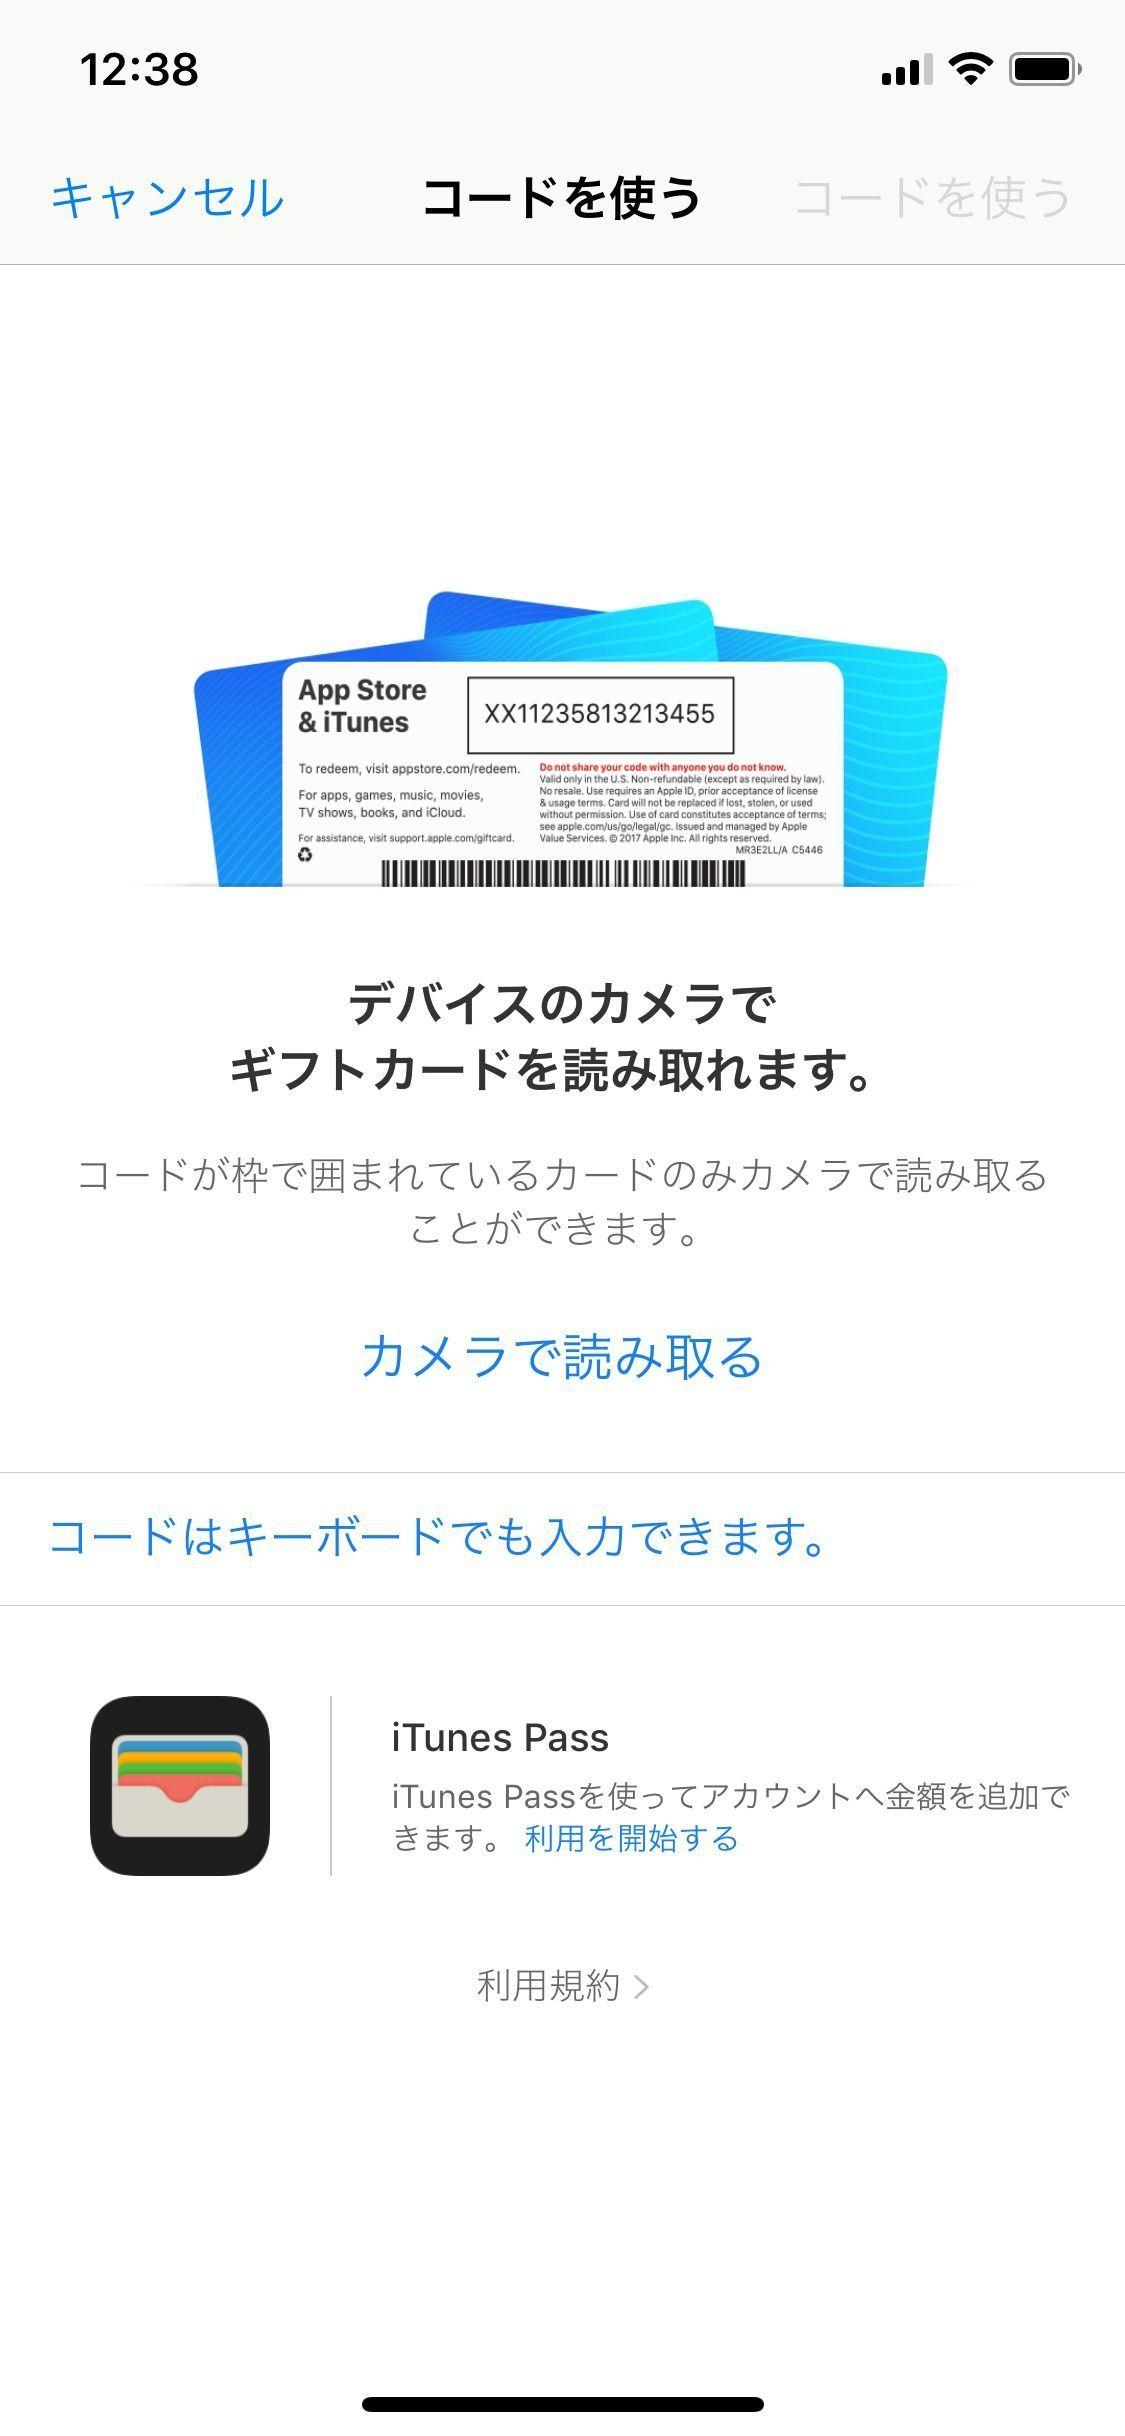 ハッピーメール iTunesカードのラベルを剥がし、コードを入力して課金完了